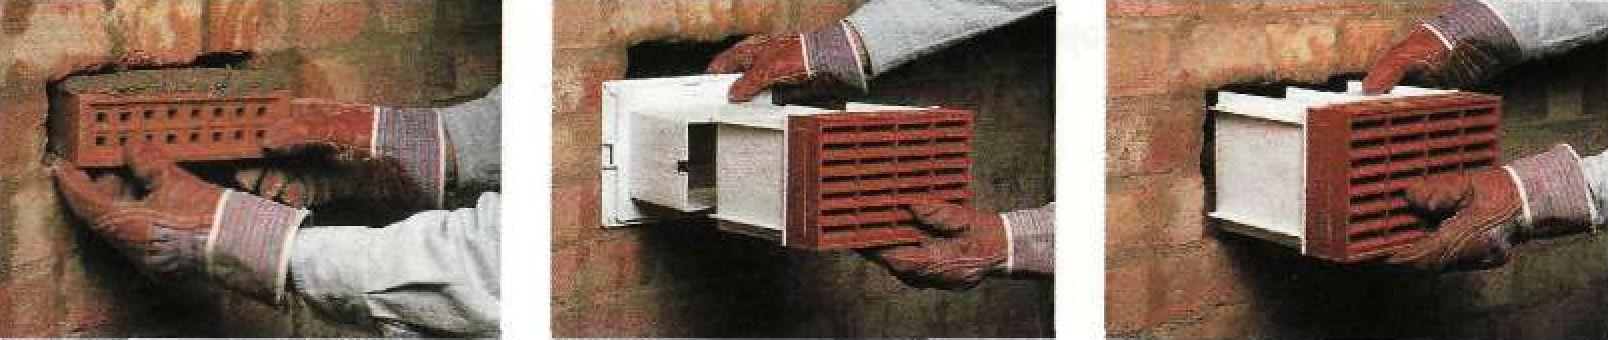 Установка вентиляционных (пустотелых) кирпичей